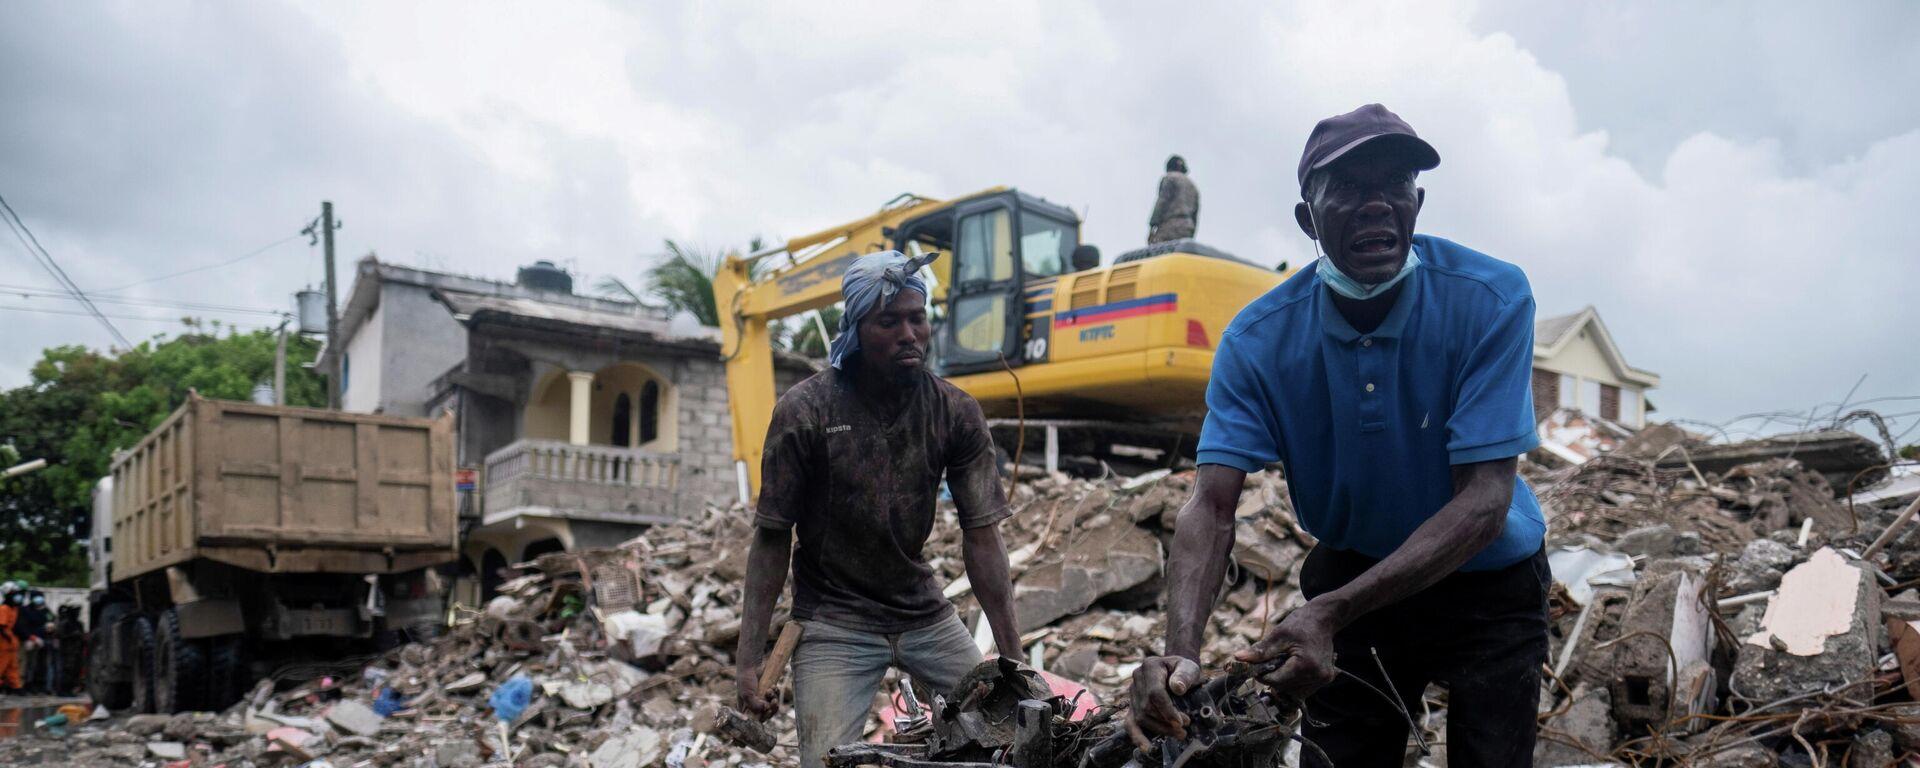 Las consecuencias del terremoto en Haití - Sputnik Mundo, 1920, 06.09.2021